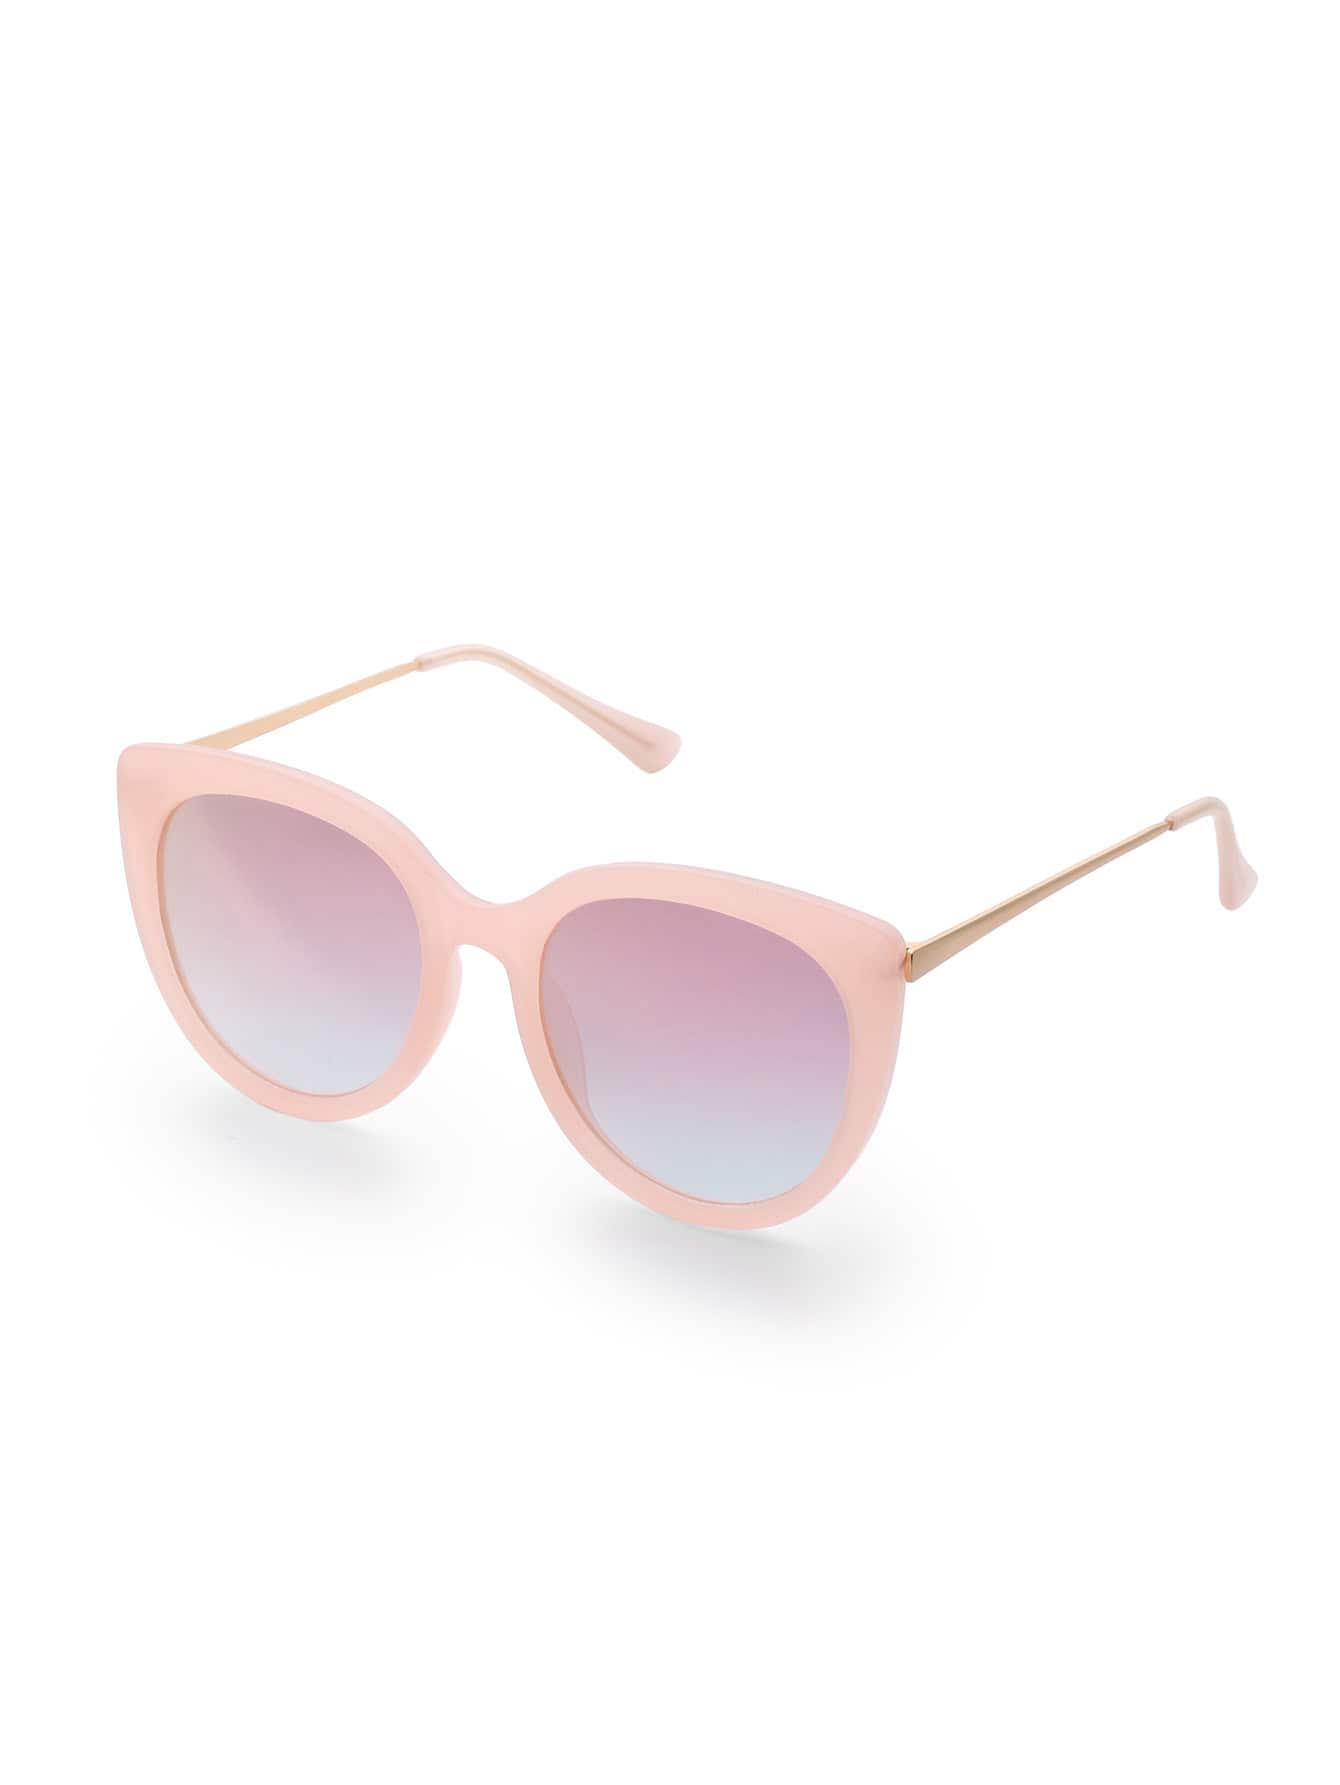 Pink Lens Cat Eye Sunglasses sunglass170324305